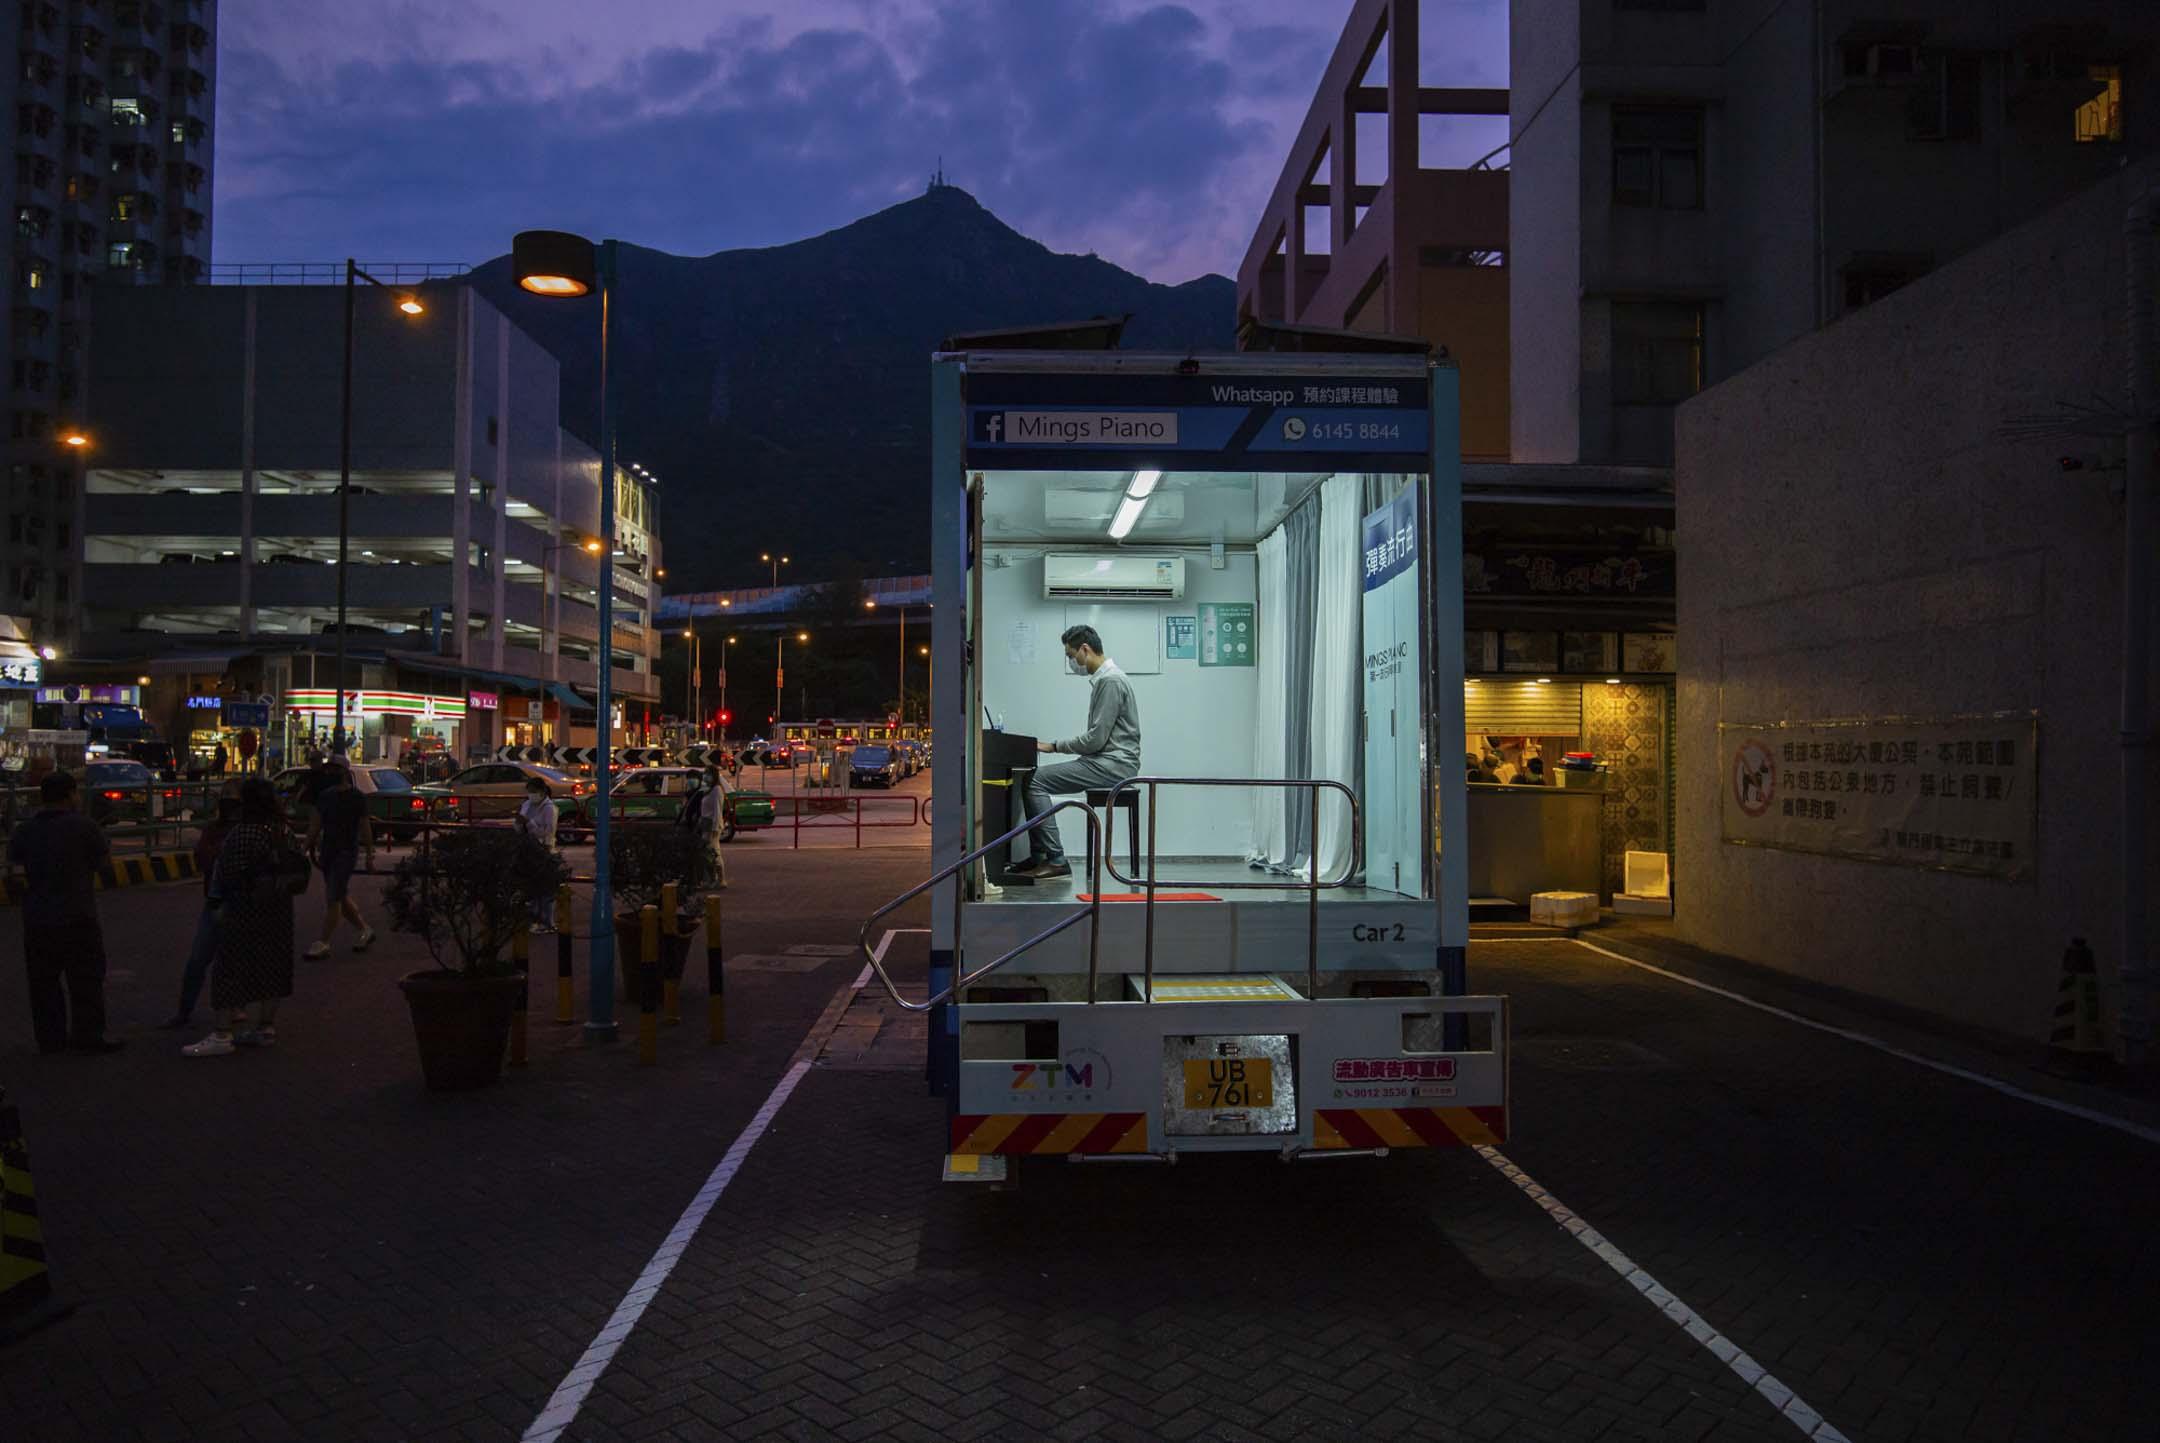 2020年4月10日,香港,一架貨車停泊在停車場,內有音樂教師在貨車內彈鋼琴。 攝:Billy H.C. Kwok/Getty Images